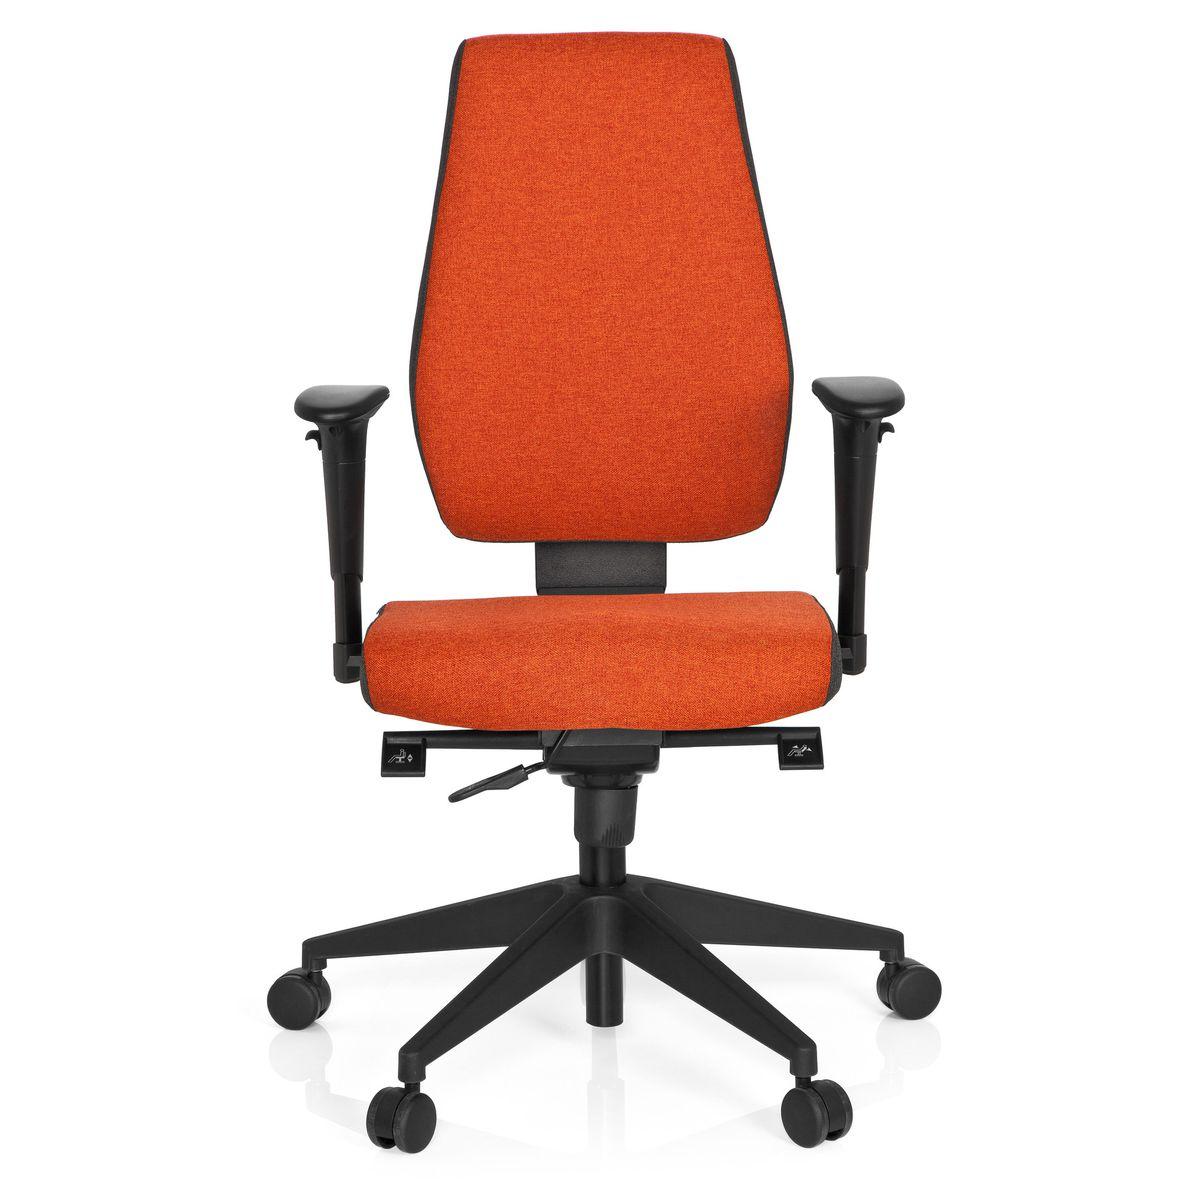 bureau pivotante de tissu hjh Chaise OFFICE Chaise 500 rouge TEC foncérouge PRO OPw0kn